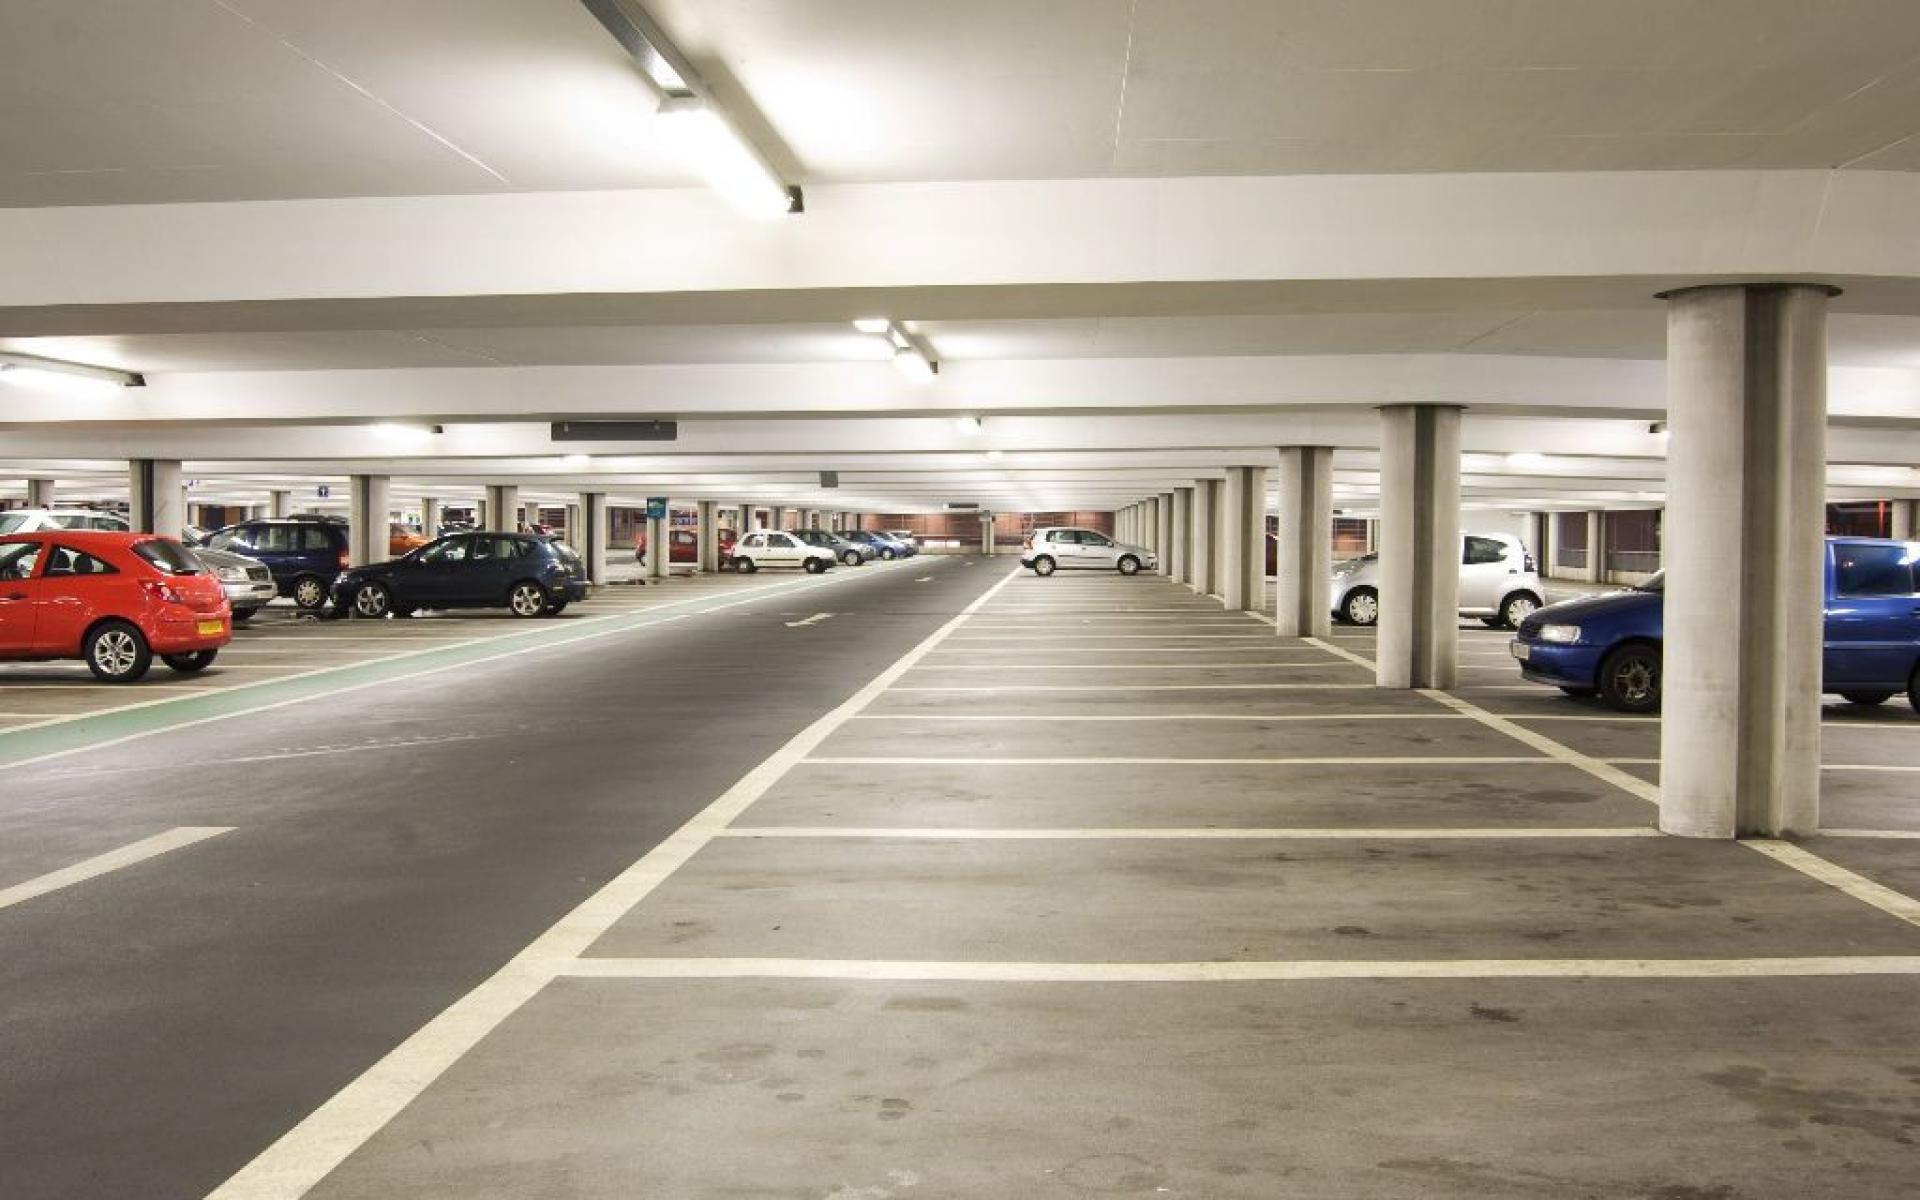 imagesparking-57.jpg